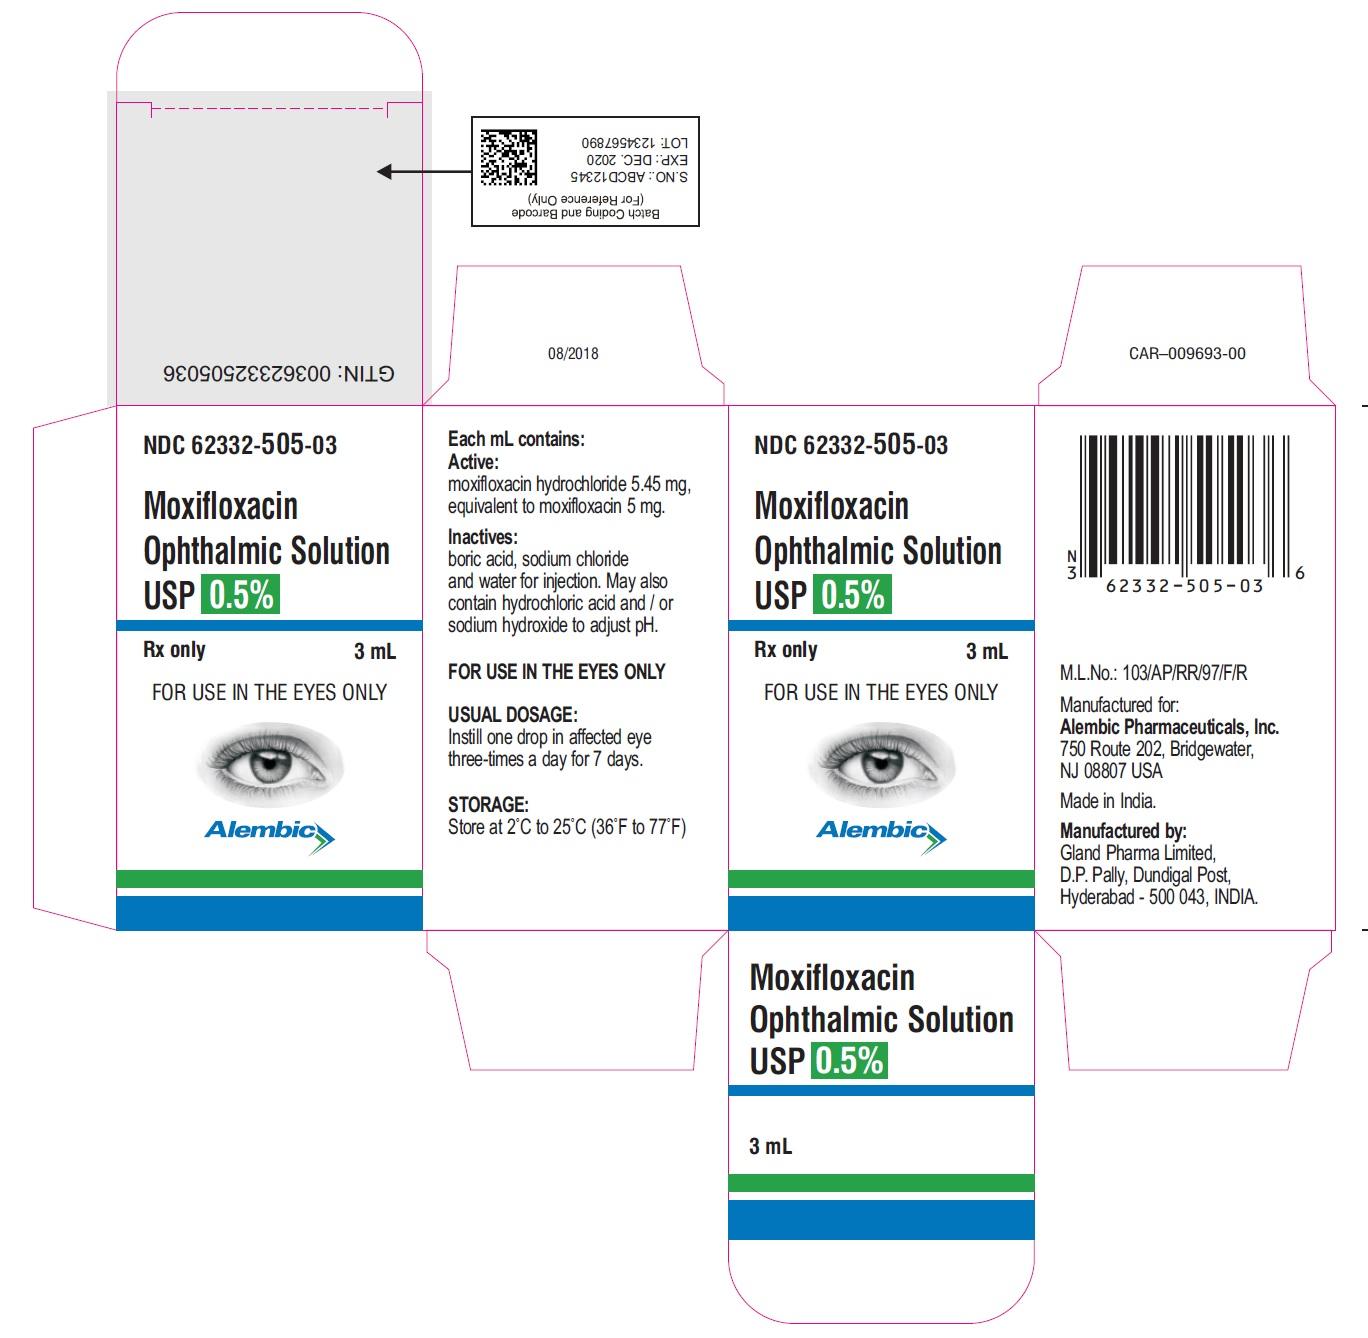 moxifloxacin-carton